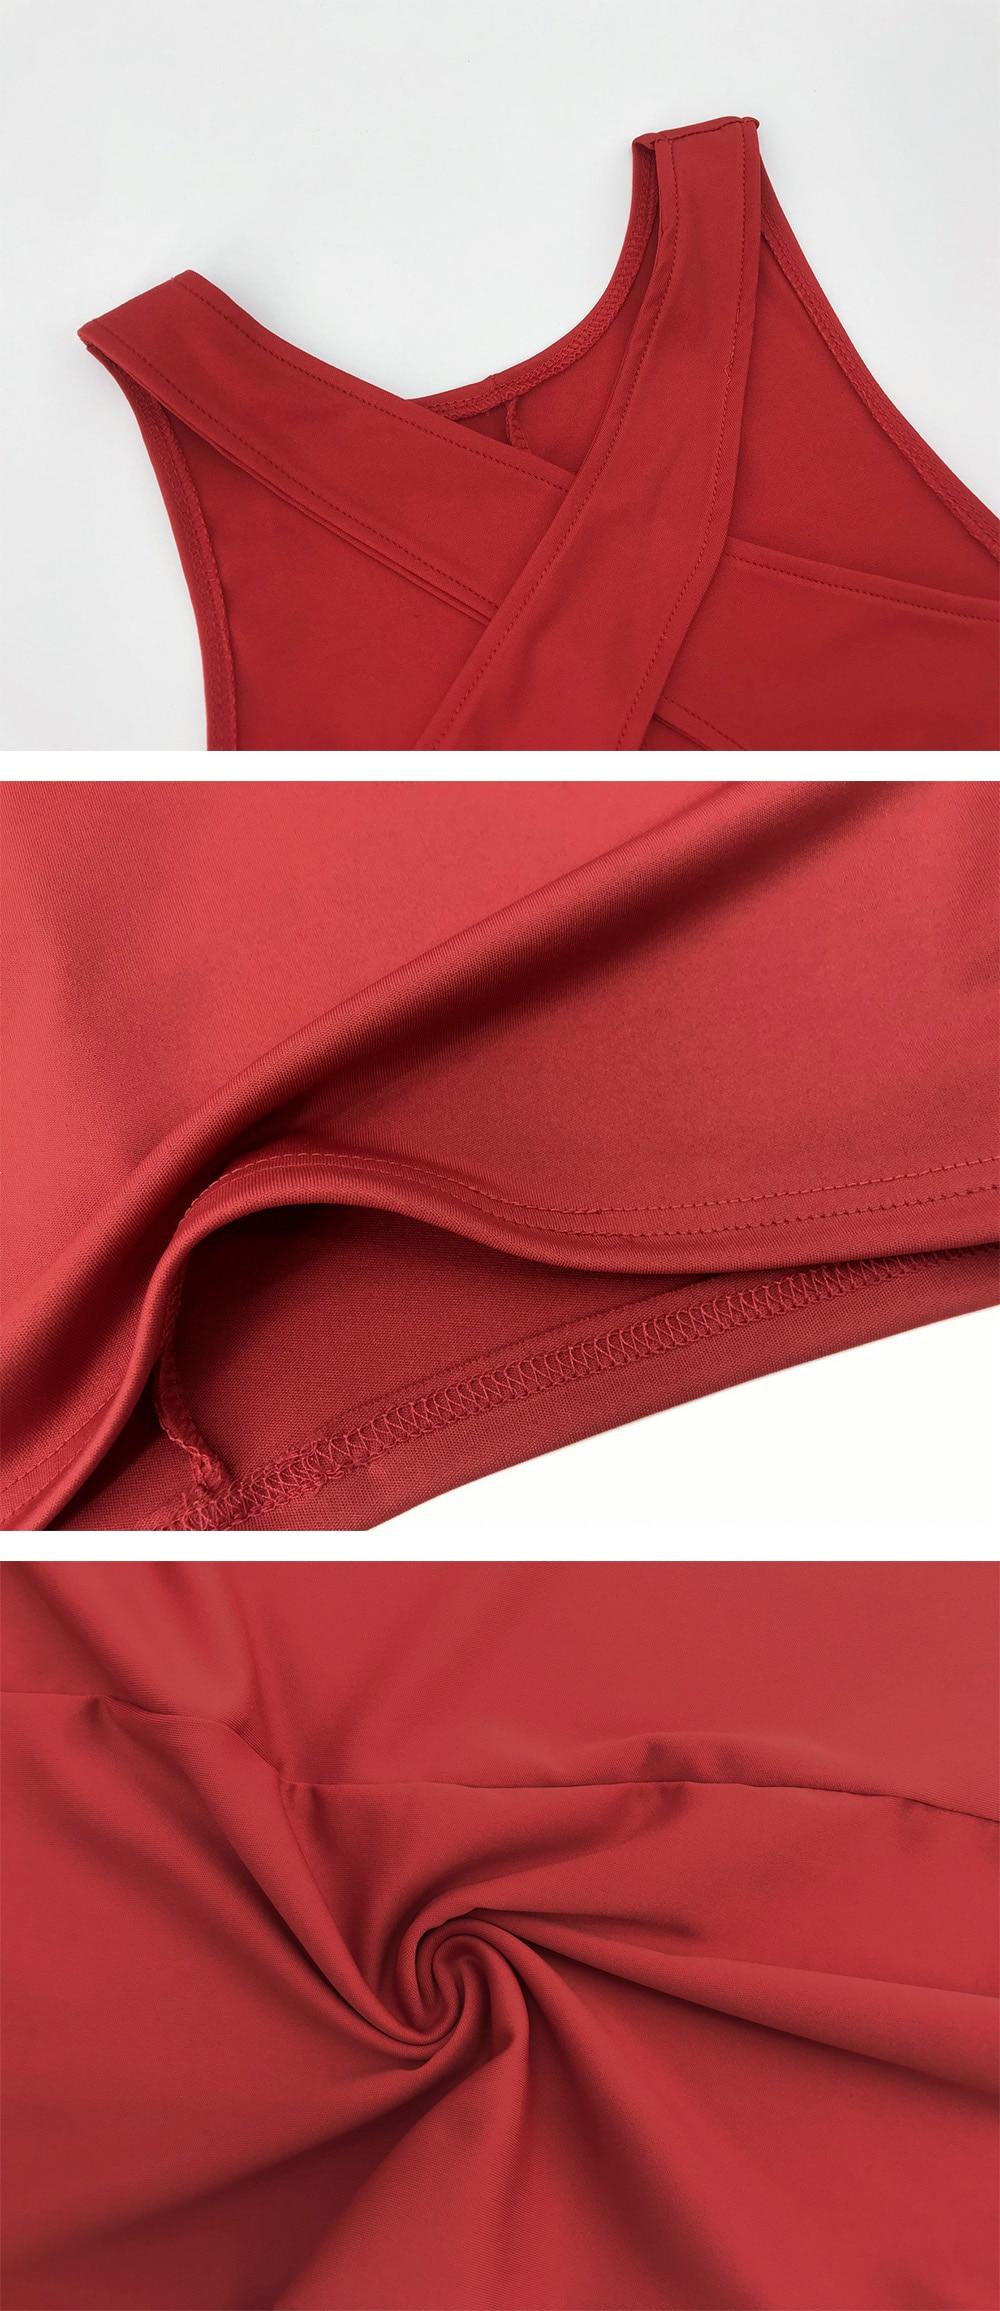 Robe courte croisée sans manches pour femmes